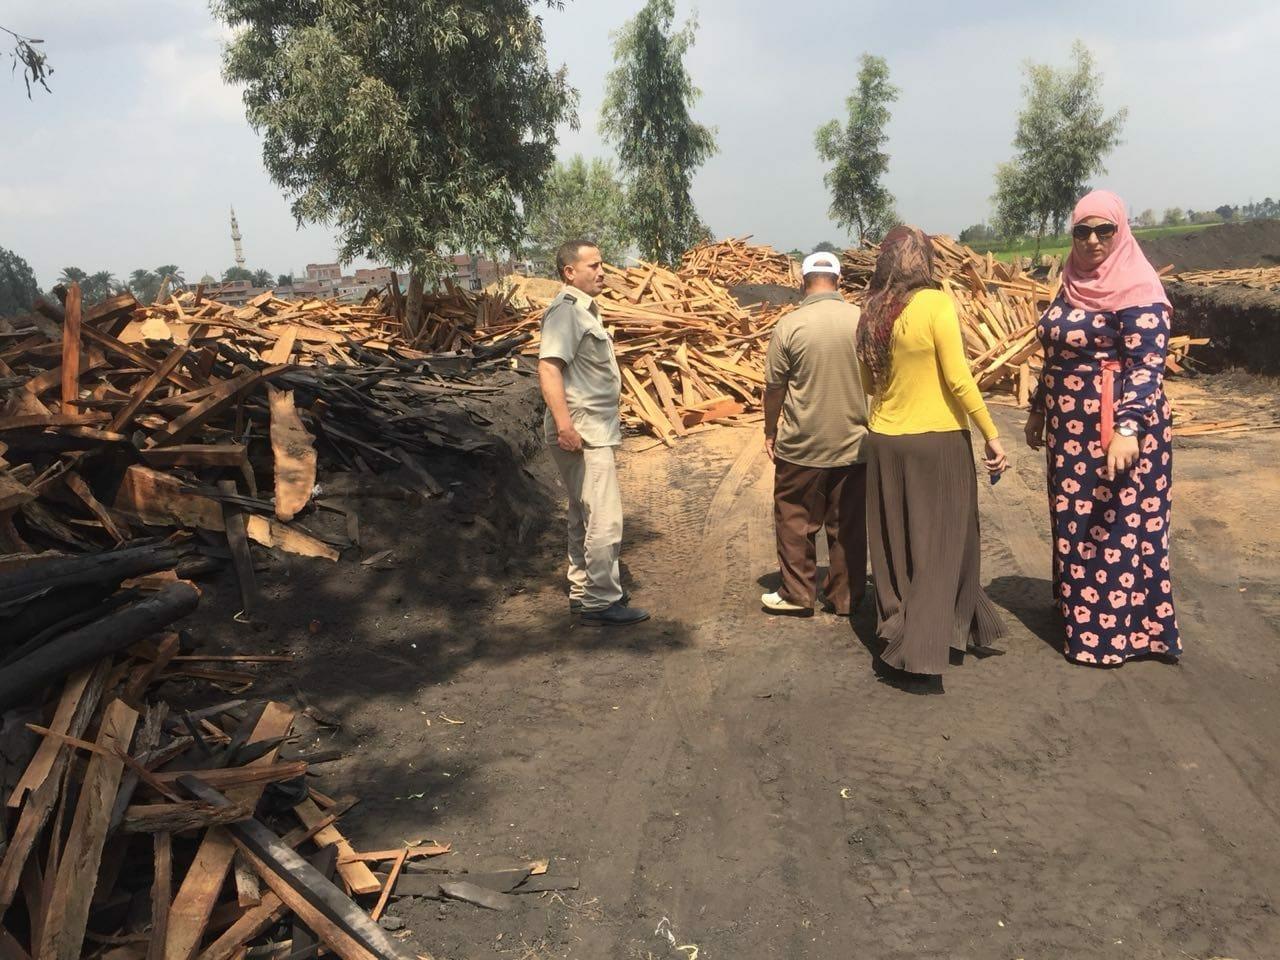 شئون البيئة بالشرقية يتصدى لظاهرة الحرق المكشوف للمخلفات الزراعية2